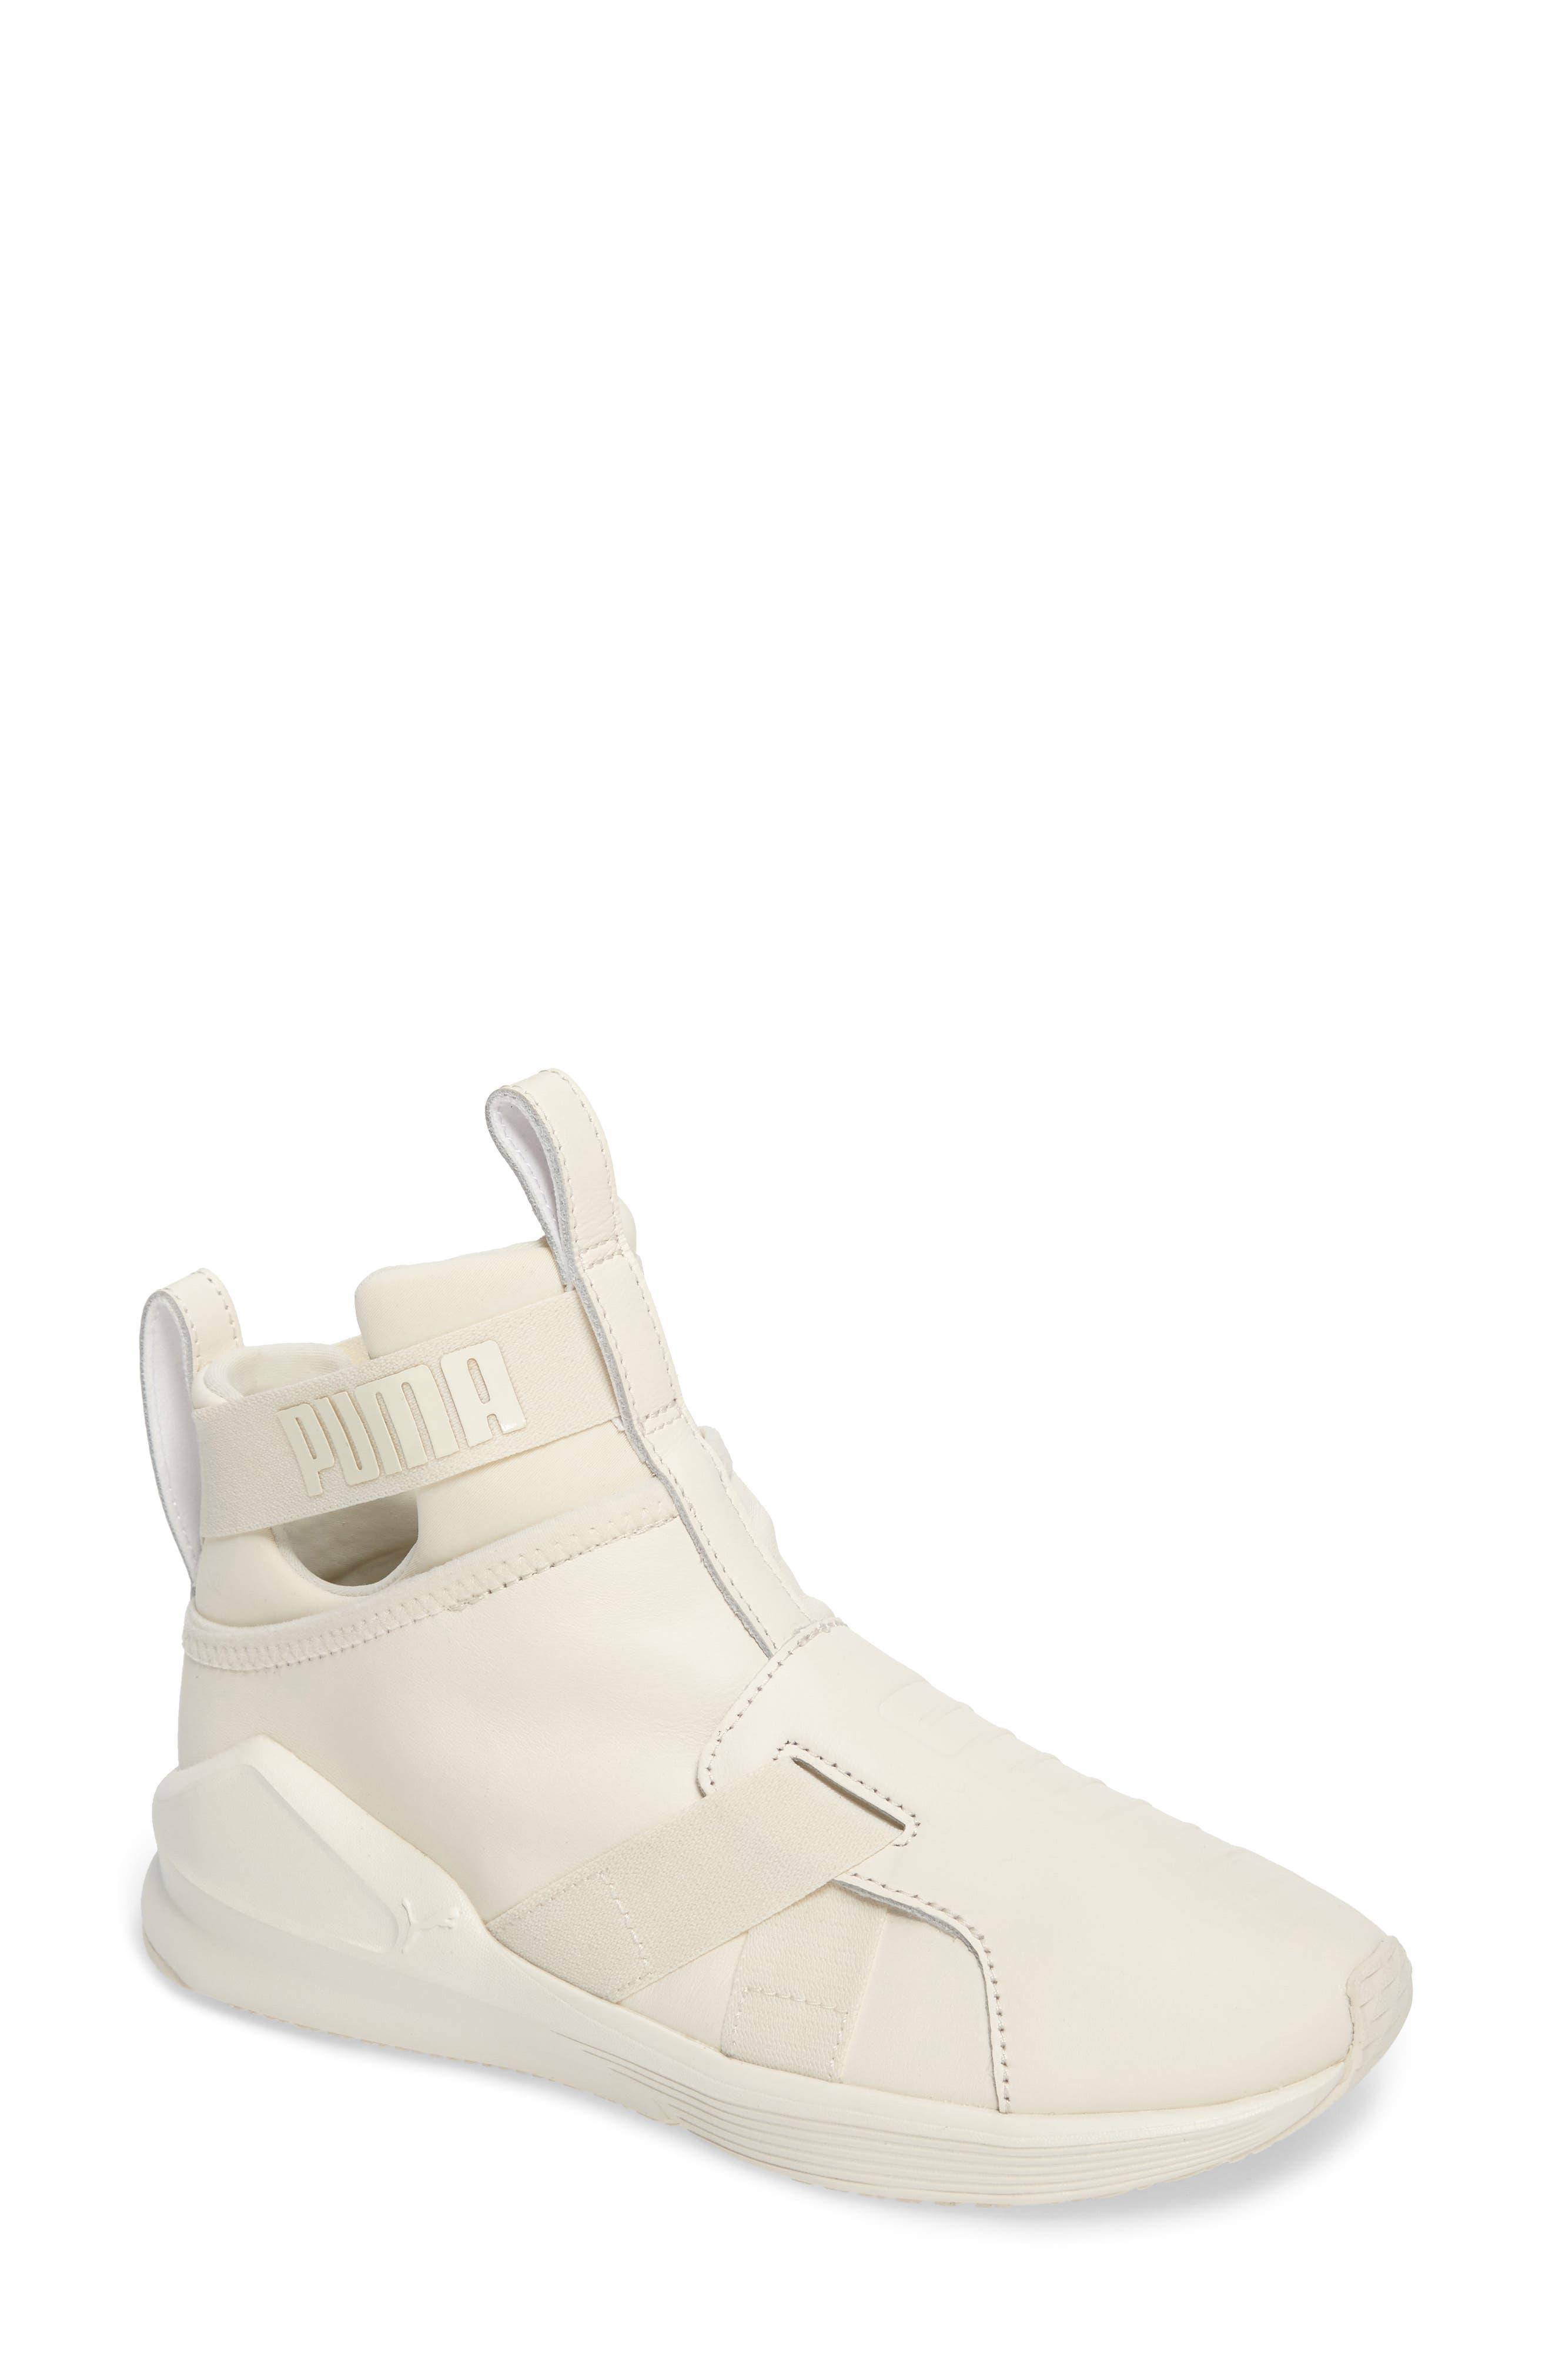 Alternate Image 1 Selected - PUMA Fierce Strap Training Sneaker (Women)